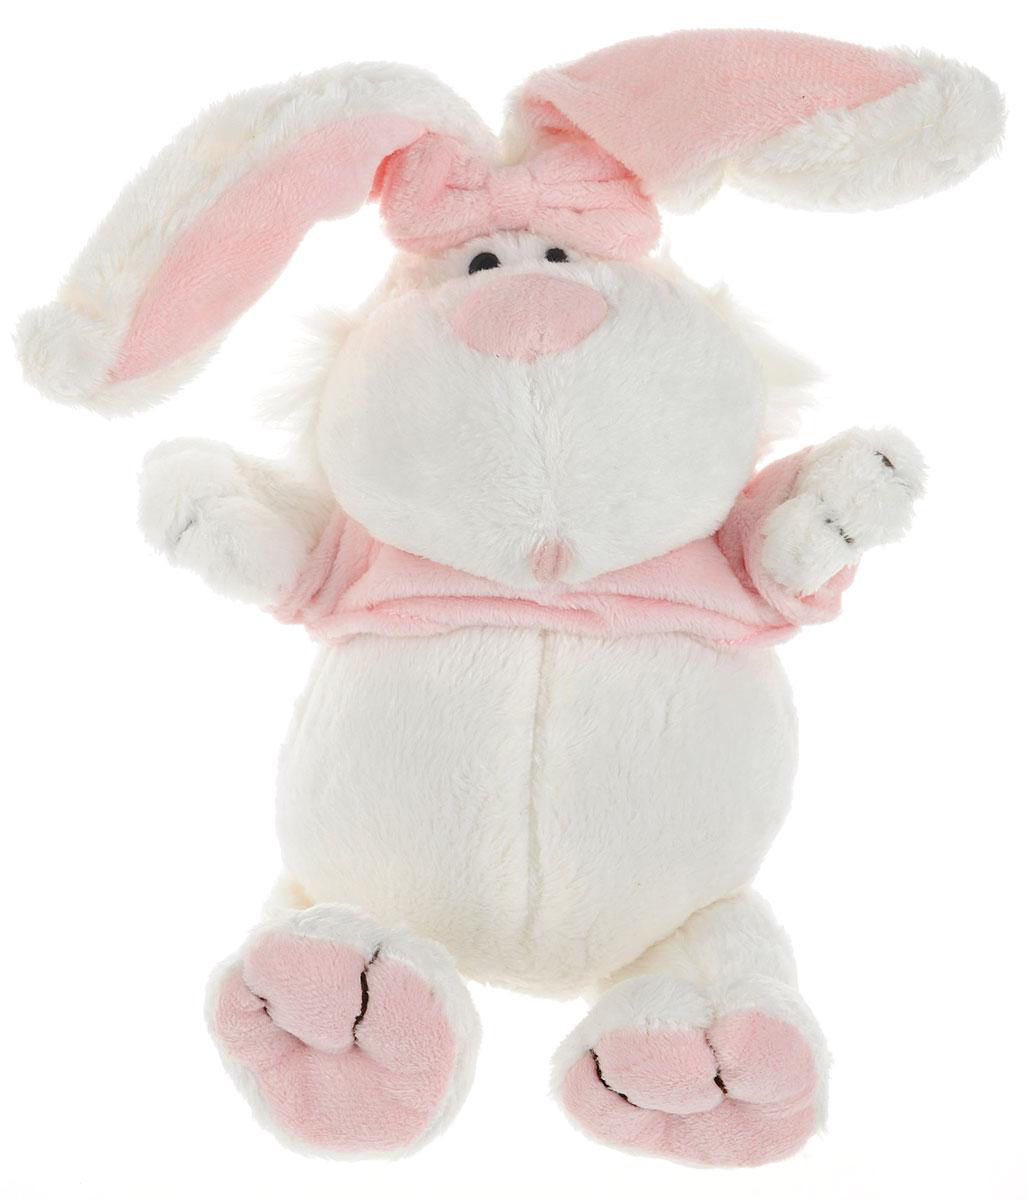 Gulliver Мягкая игрушка Кролик 23 см7-42227Мягкая игрушка Gulliver Кролик - белоснежный питомец, который способен оживить скучные будни малыша. Кролик очень мягкий и практически невесомый, что позволит с ним никогда не расставаться. У кролика забавная мордочка и добрые глаза, благодаря чему он войдет в доверие малыша, который будет с ним делиться своими самыми сокровенными тайнами. В процессе игры малыши фантазируют, образно мыслят, у детей развивается моторика рук и тактильное восприятие, поднимается настроение. Мягкие игрушки Gulliver действуют позитивно на растущий детский организм, обучая ласке и доброте, стимулируют зрительное восприятие.